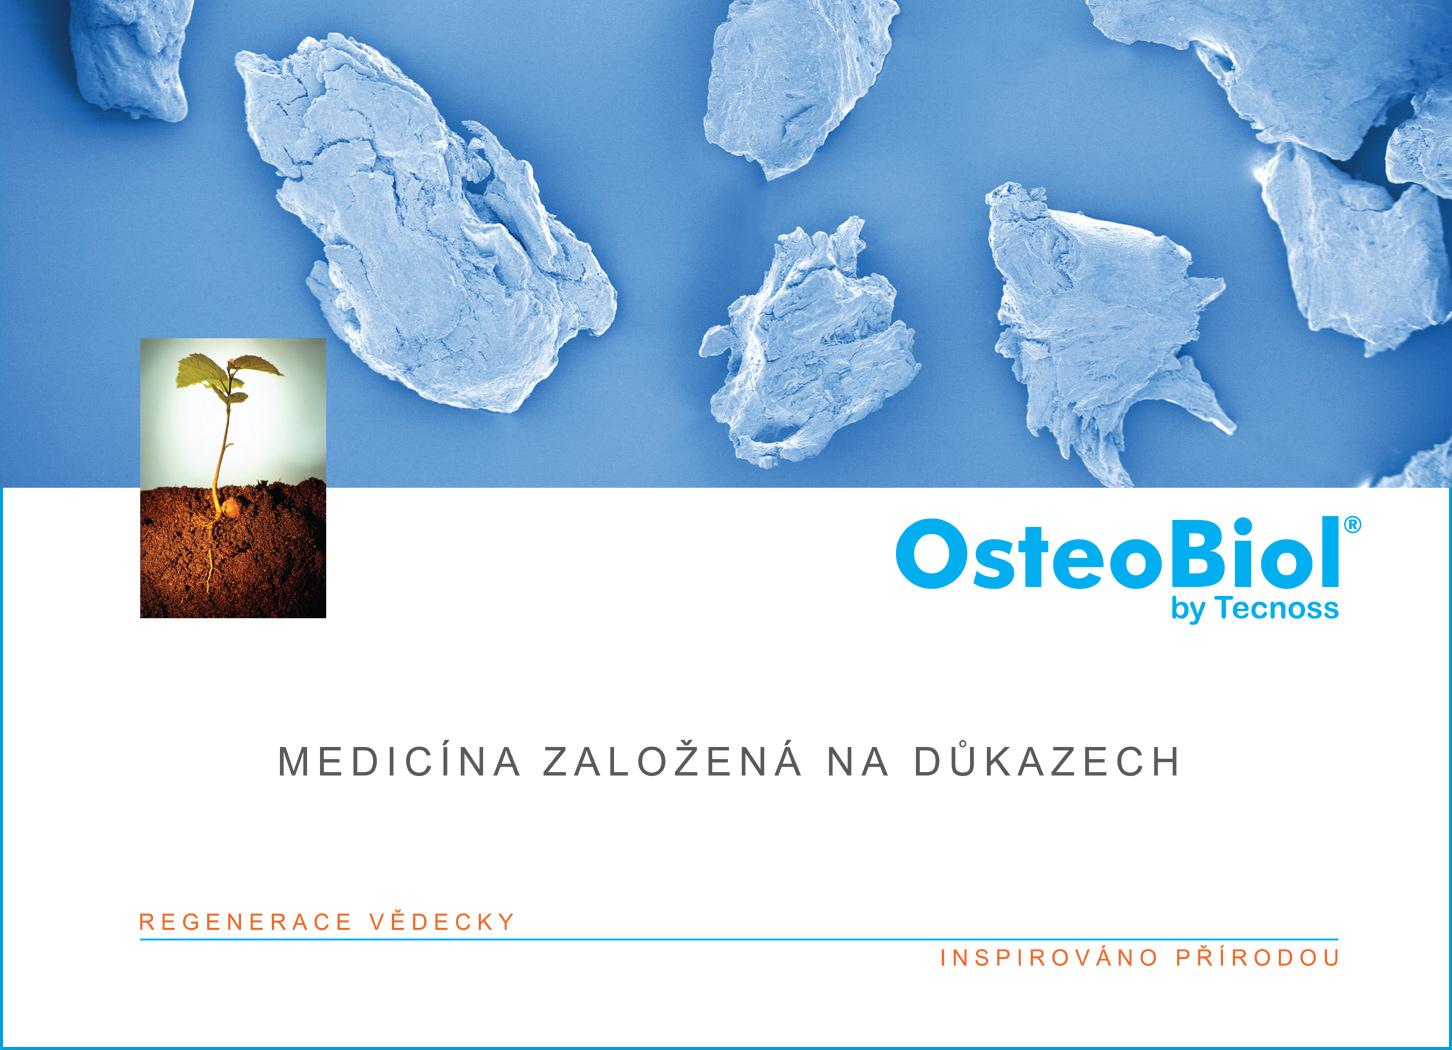 OsteoBiol - Medicína založená na důkazech